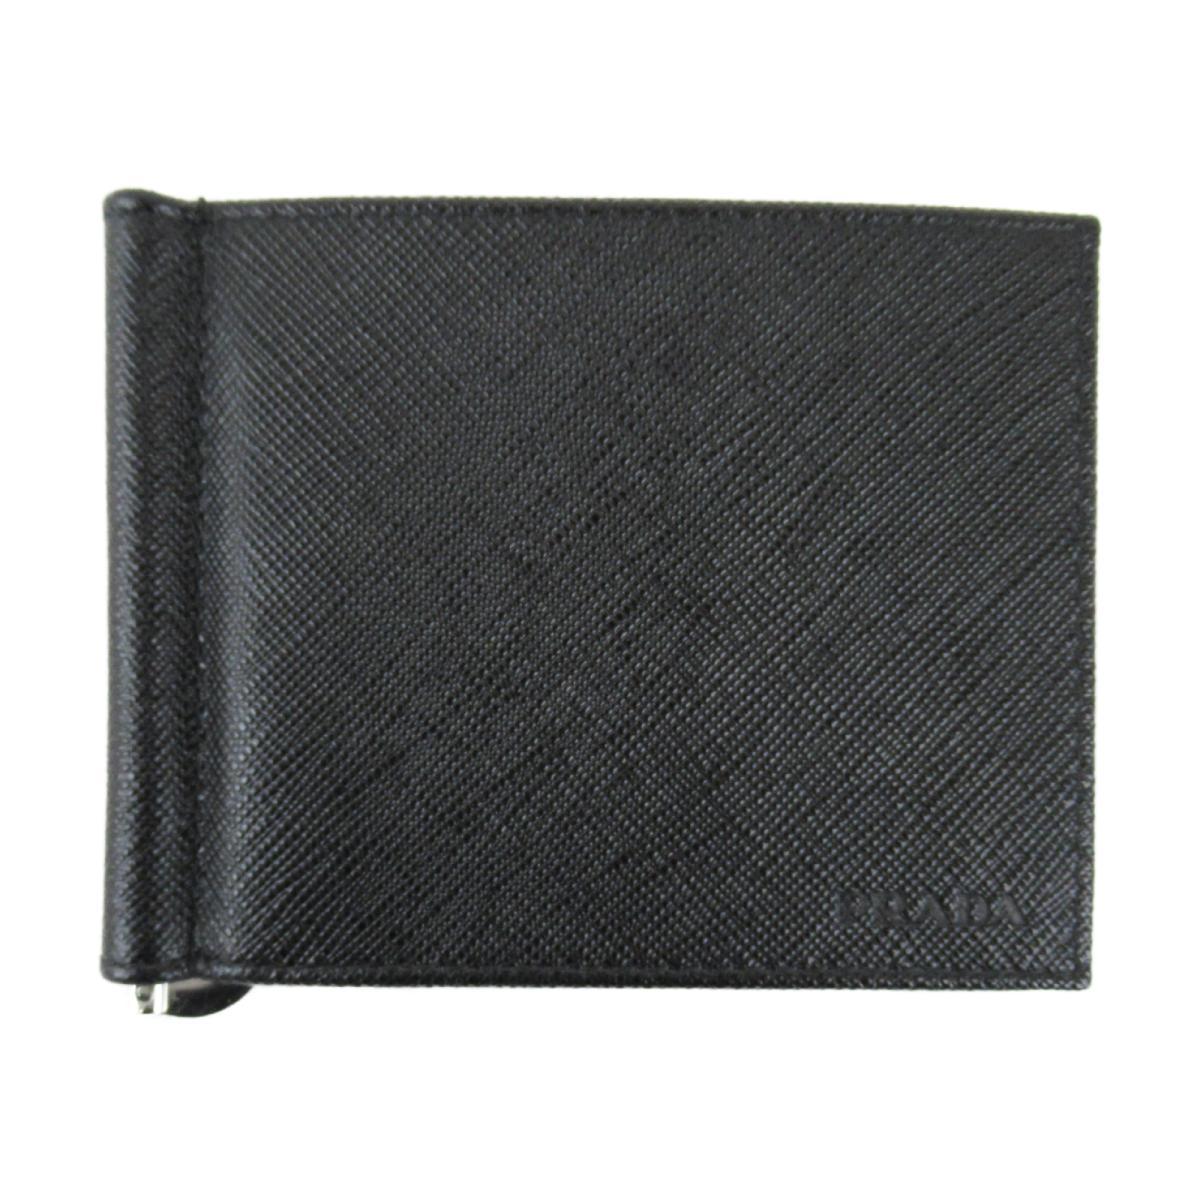 プラダ SLG サフィアーノ マネークリップ カード ケース 財布 メンズ レディース サフィアーノレザー ブラック (2MN077053F0002)   PRADA BRANDOFF ブランドオフ ブランド ブランド財布 レディース財布 サイフ